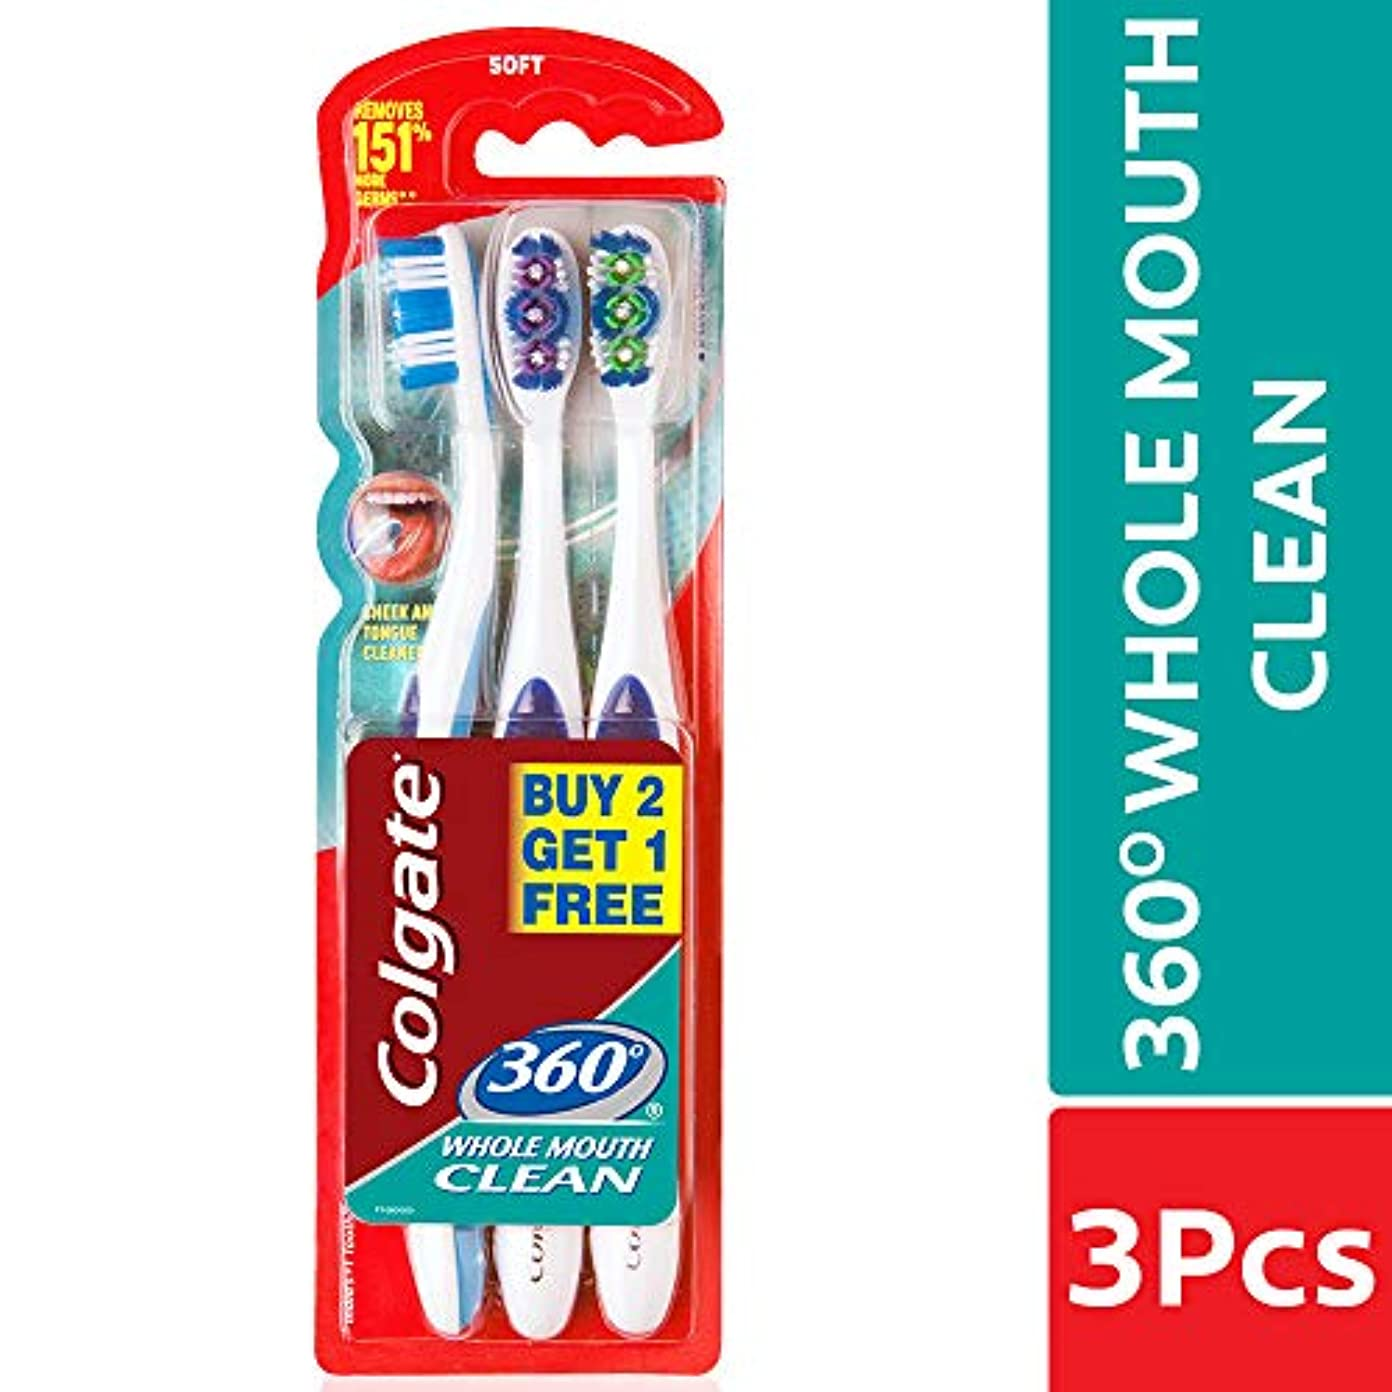 軽くアッティカス邪魔Colgate 360 whole mouth clean (MEDIUM) toothbrush (3pc pack)